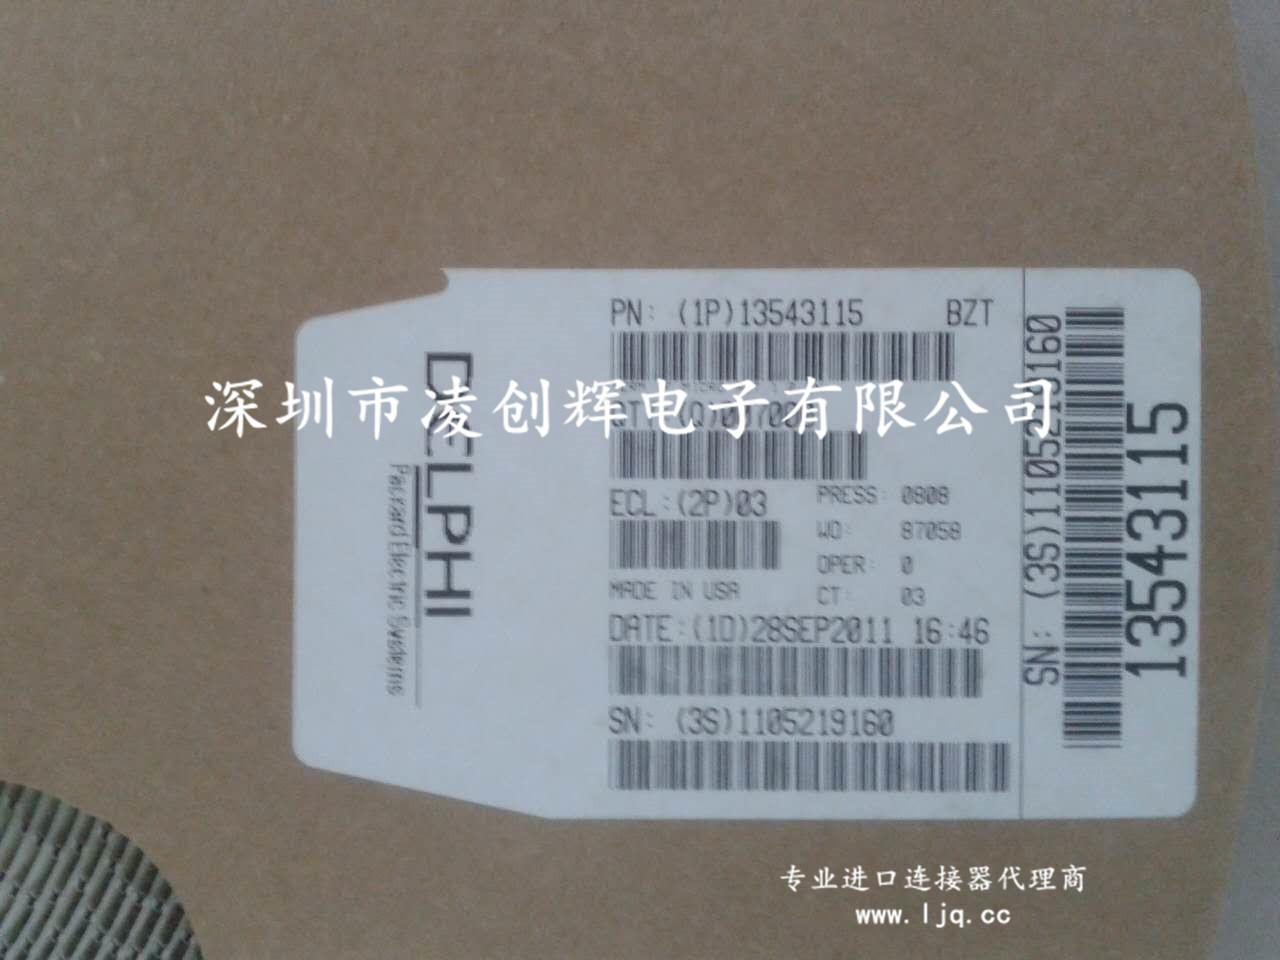 德尔福汽车中国官网:公司预计到2018年底SKU增加50%